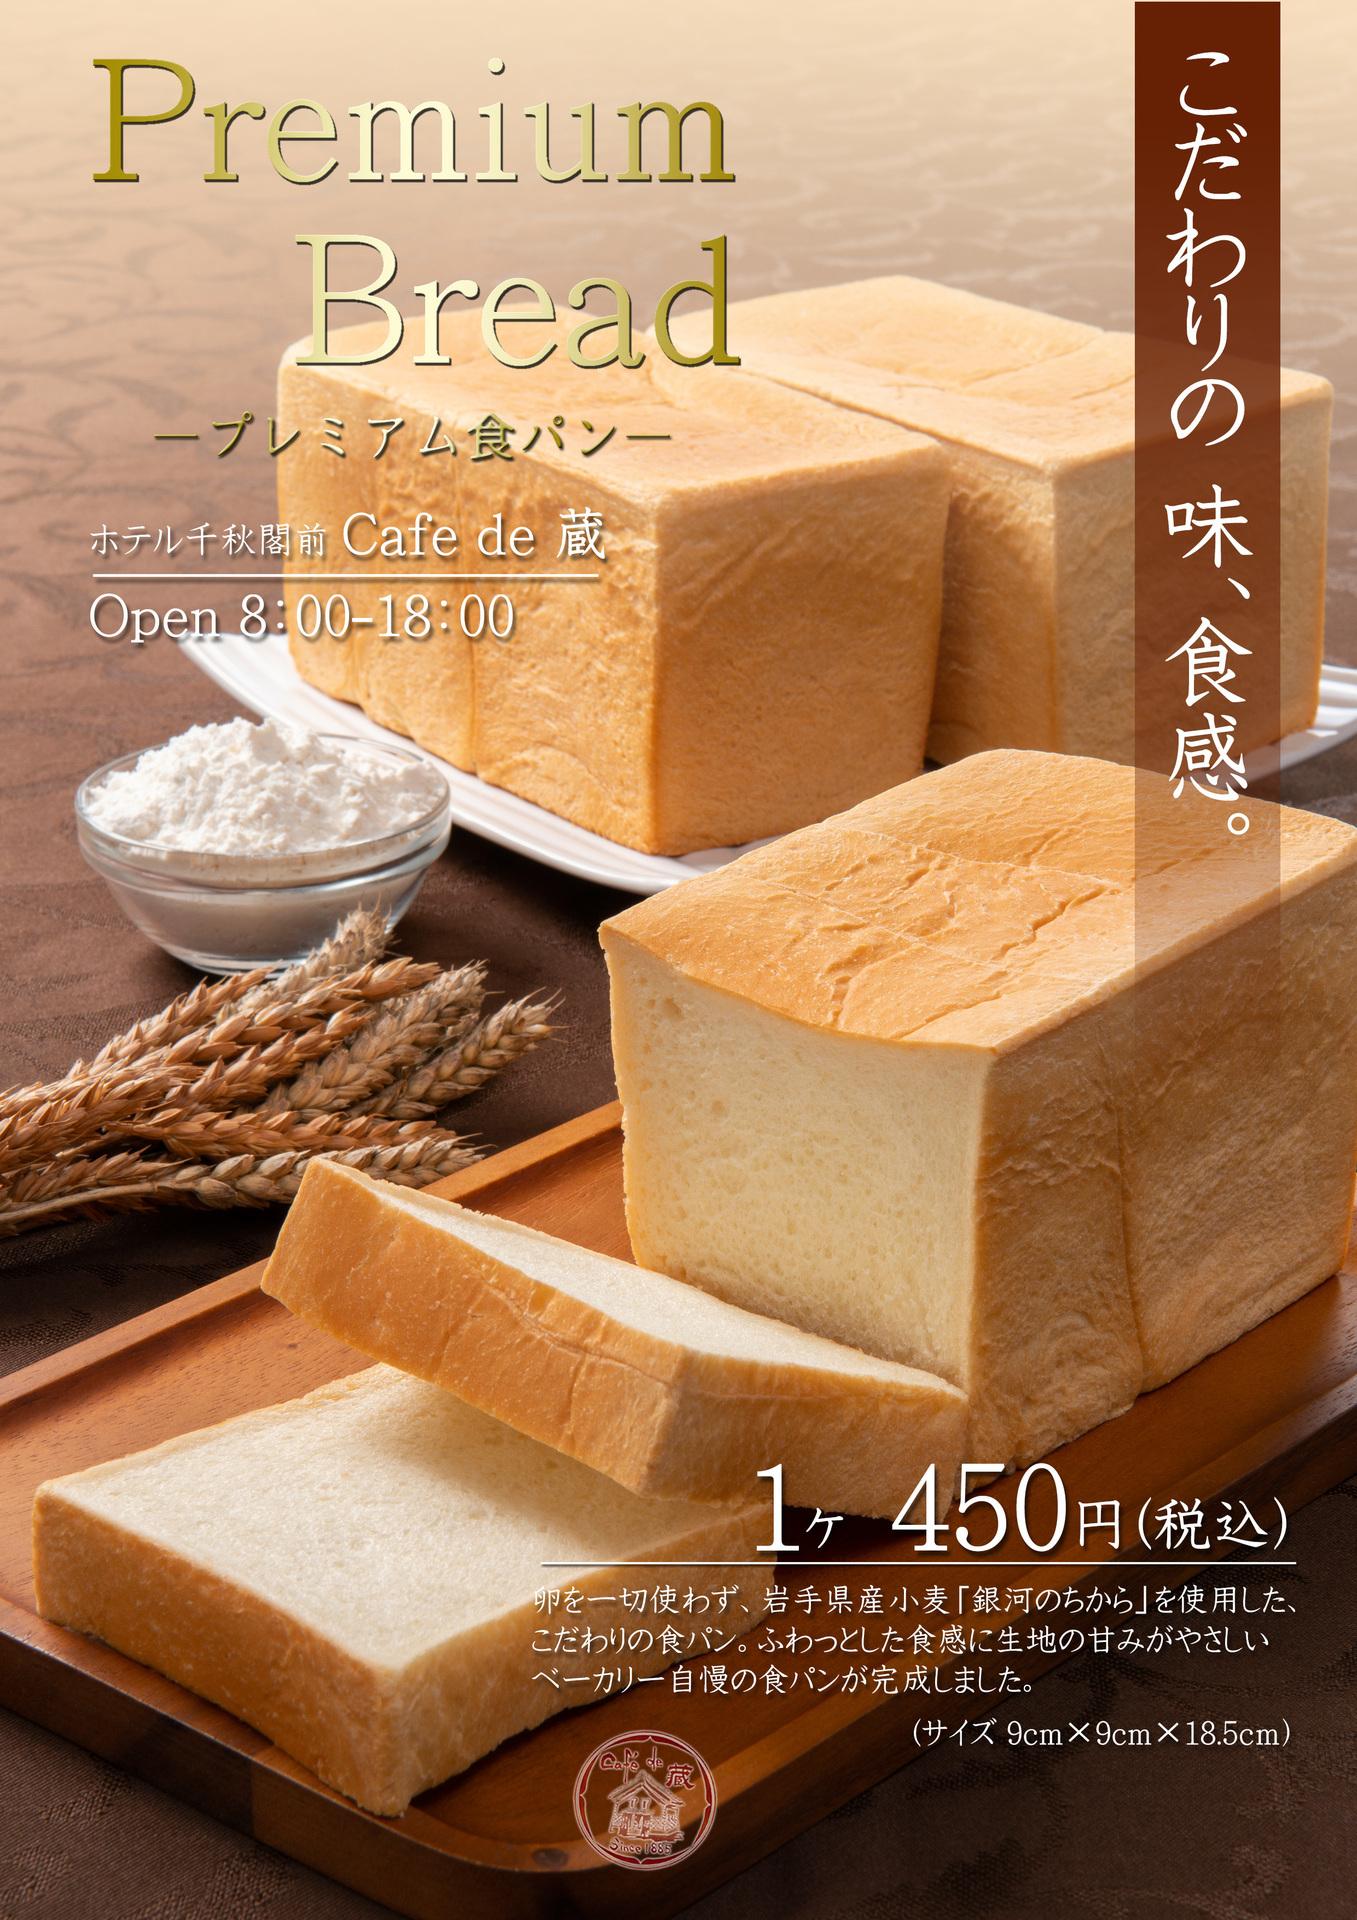 プレミアム食パン .jpg